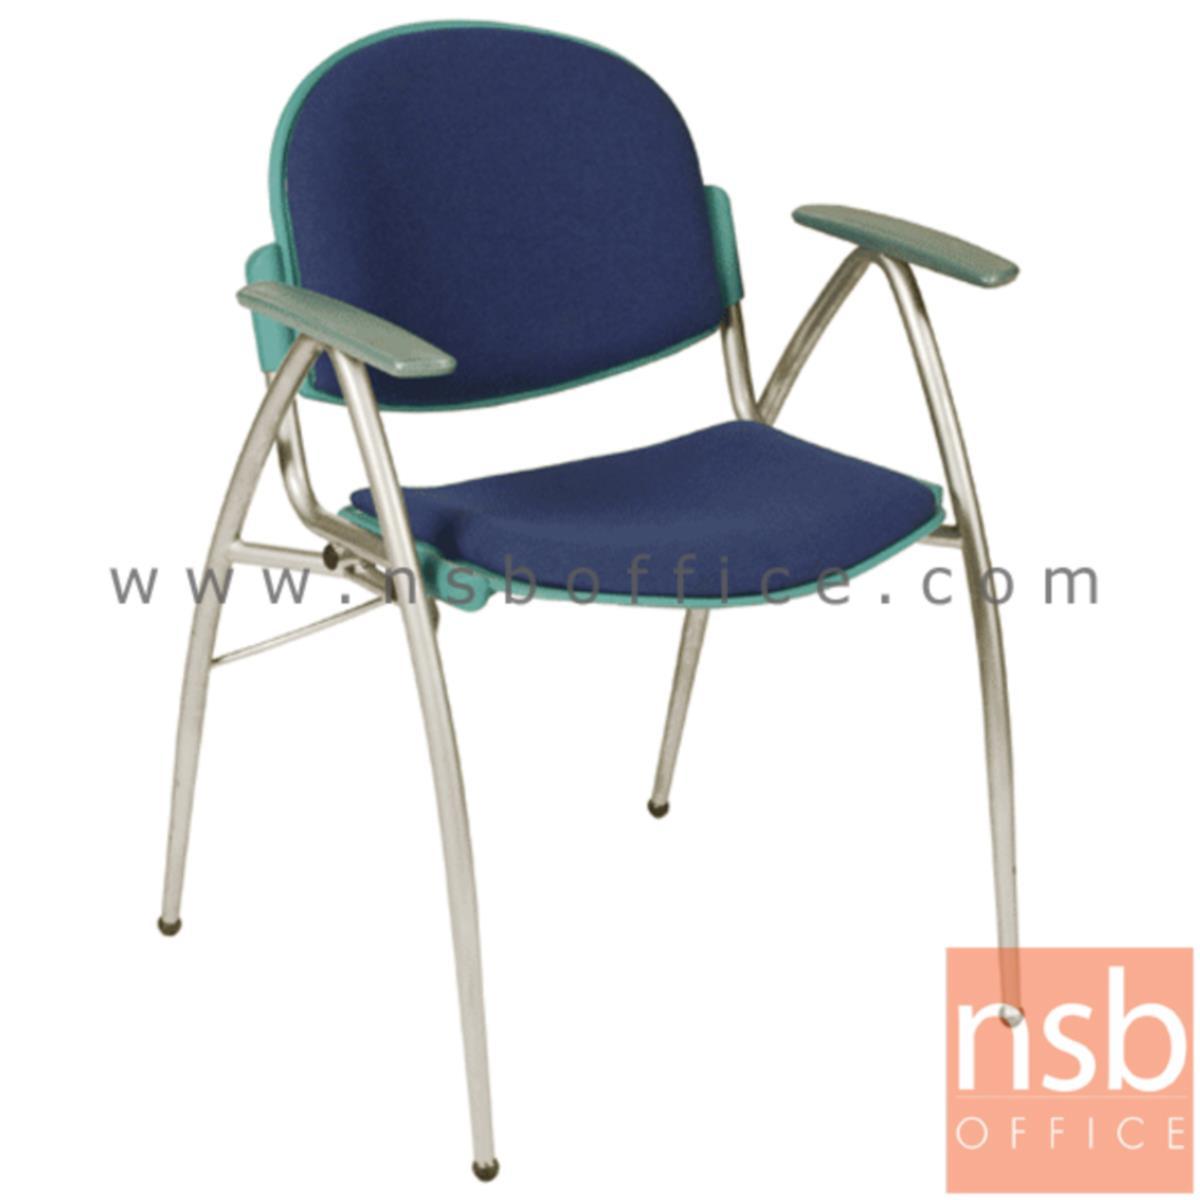 B05A069:เก้าอี้อเนกประสงค์เฟรมโพลี่ รุ่น A946-346  ขาเหล็กพ่นสีเทา